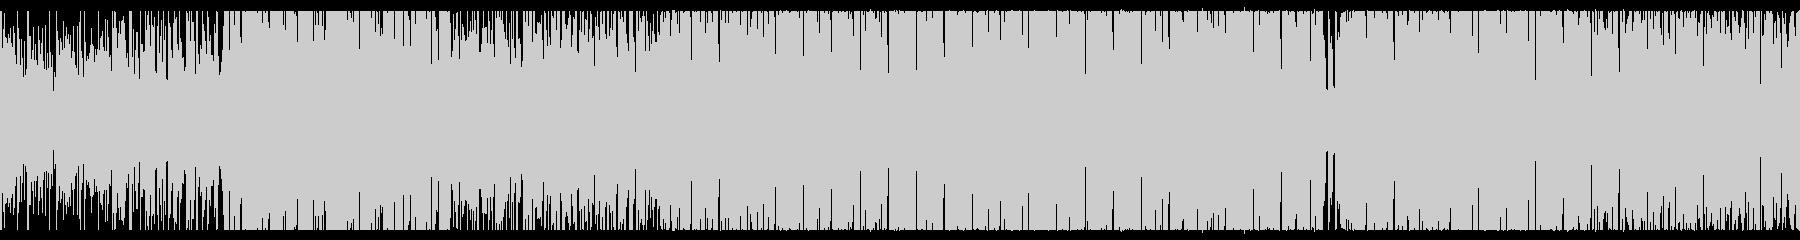 【ループ】エレクトロ、明るい、お洒落,2の未再生の波形